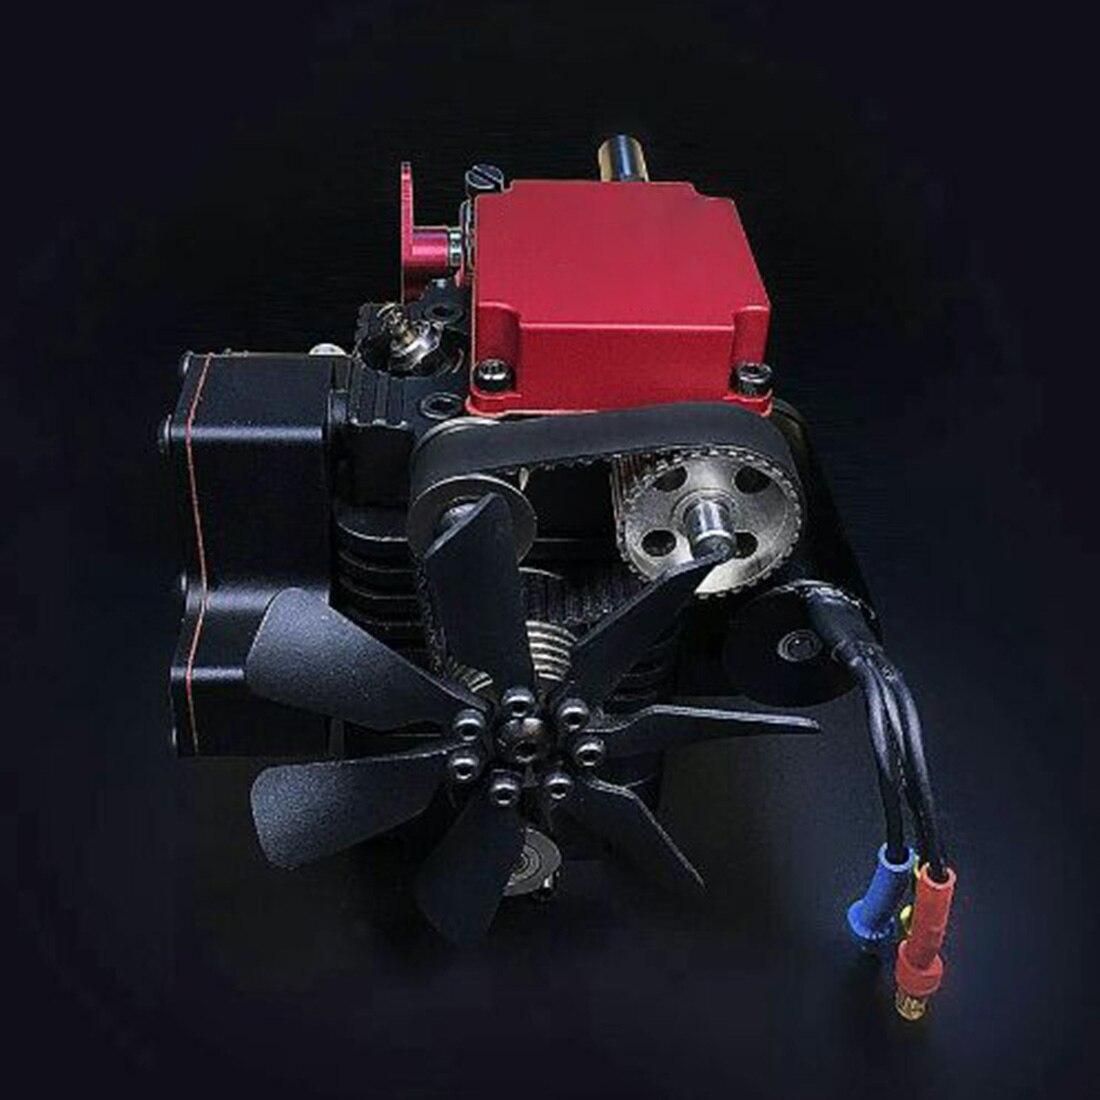 Quatre temps méthanol modèle moteur (sans démarrage moteur) vapeur éducation bricolage modèle jouet cadeau pour enfants artisanat ornement-FS-S100